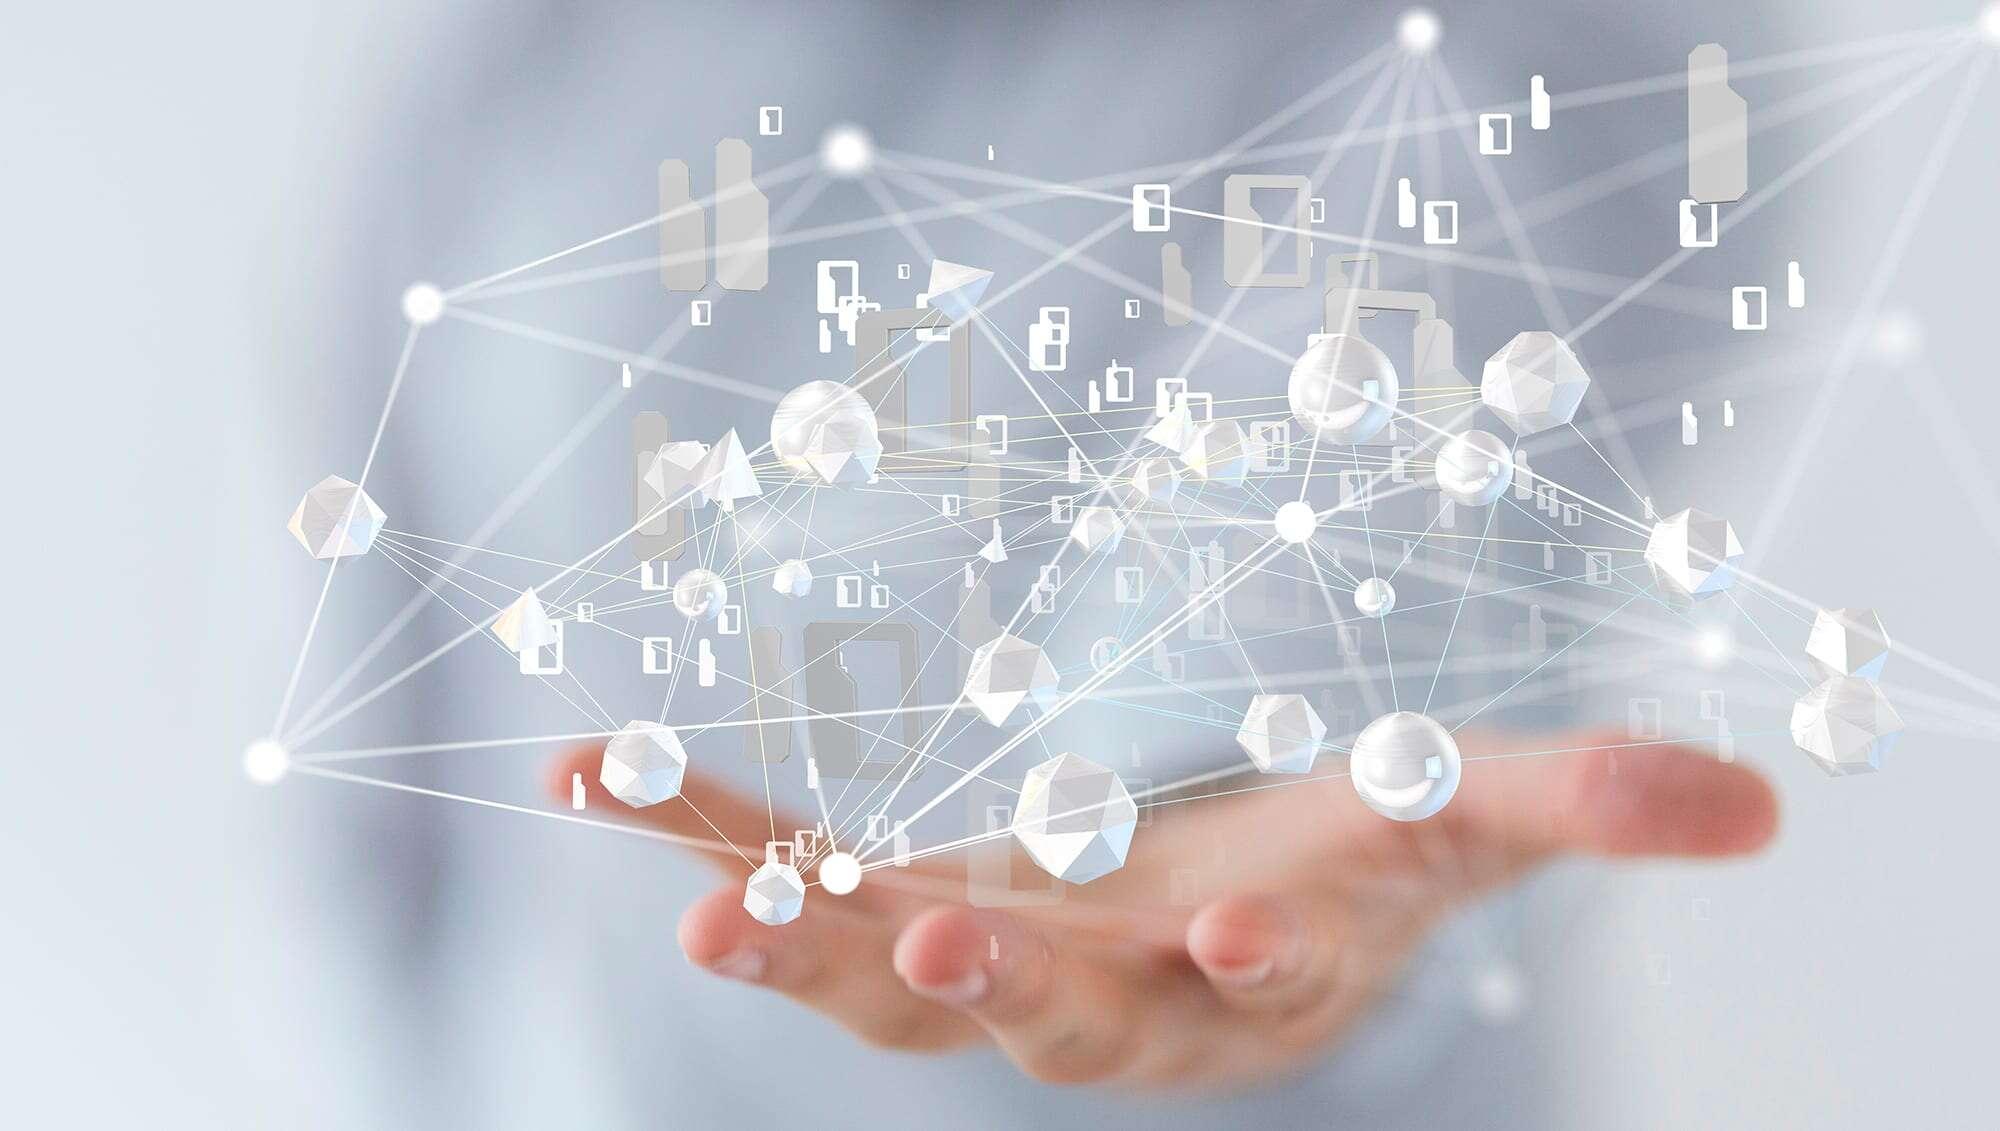 适合企业的大数据分析工具有哪些?